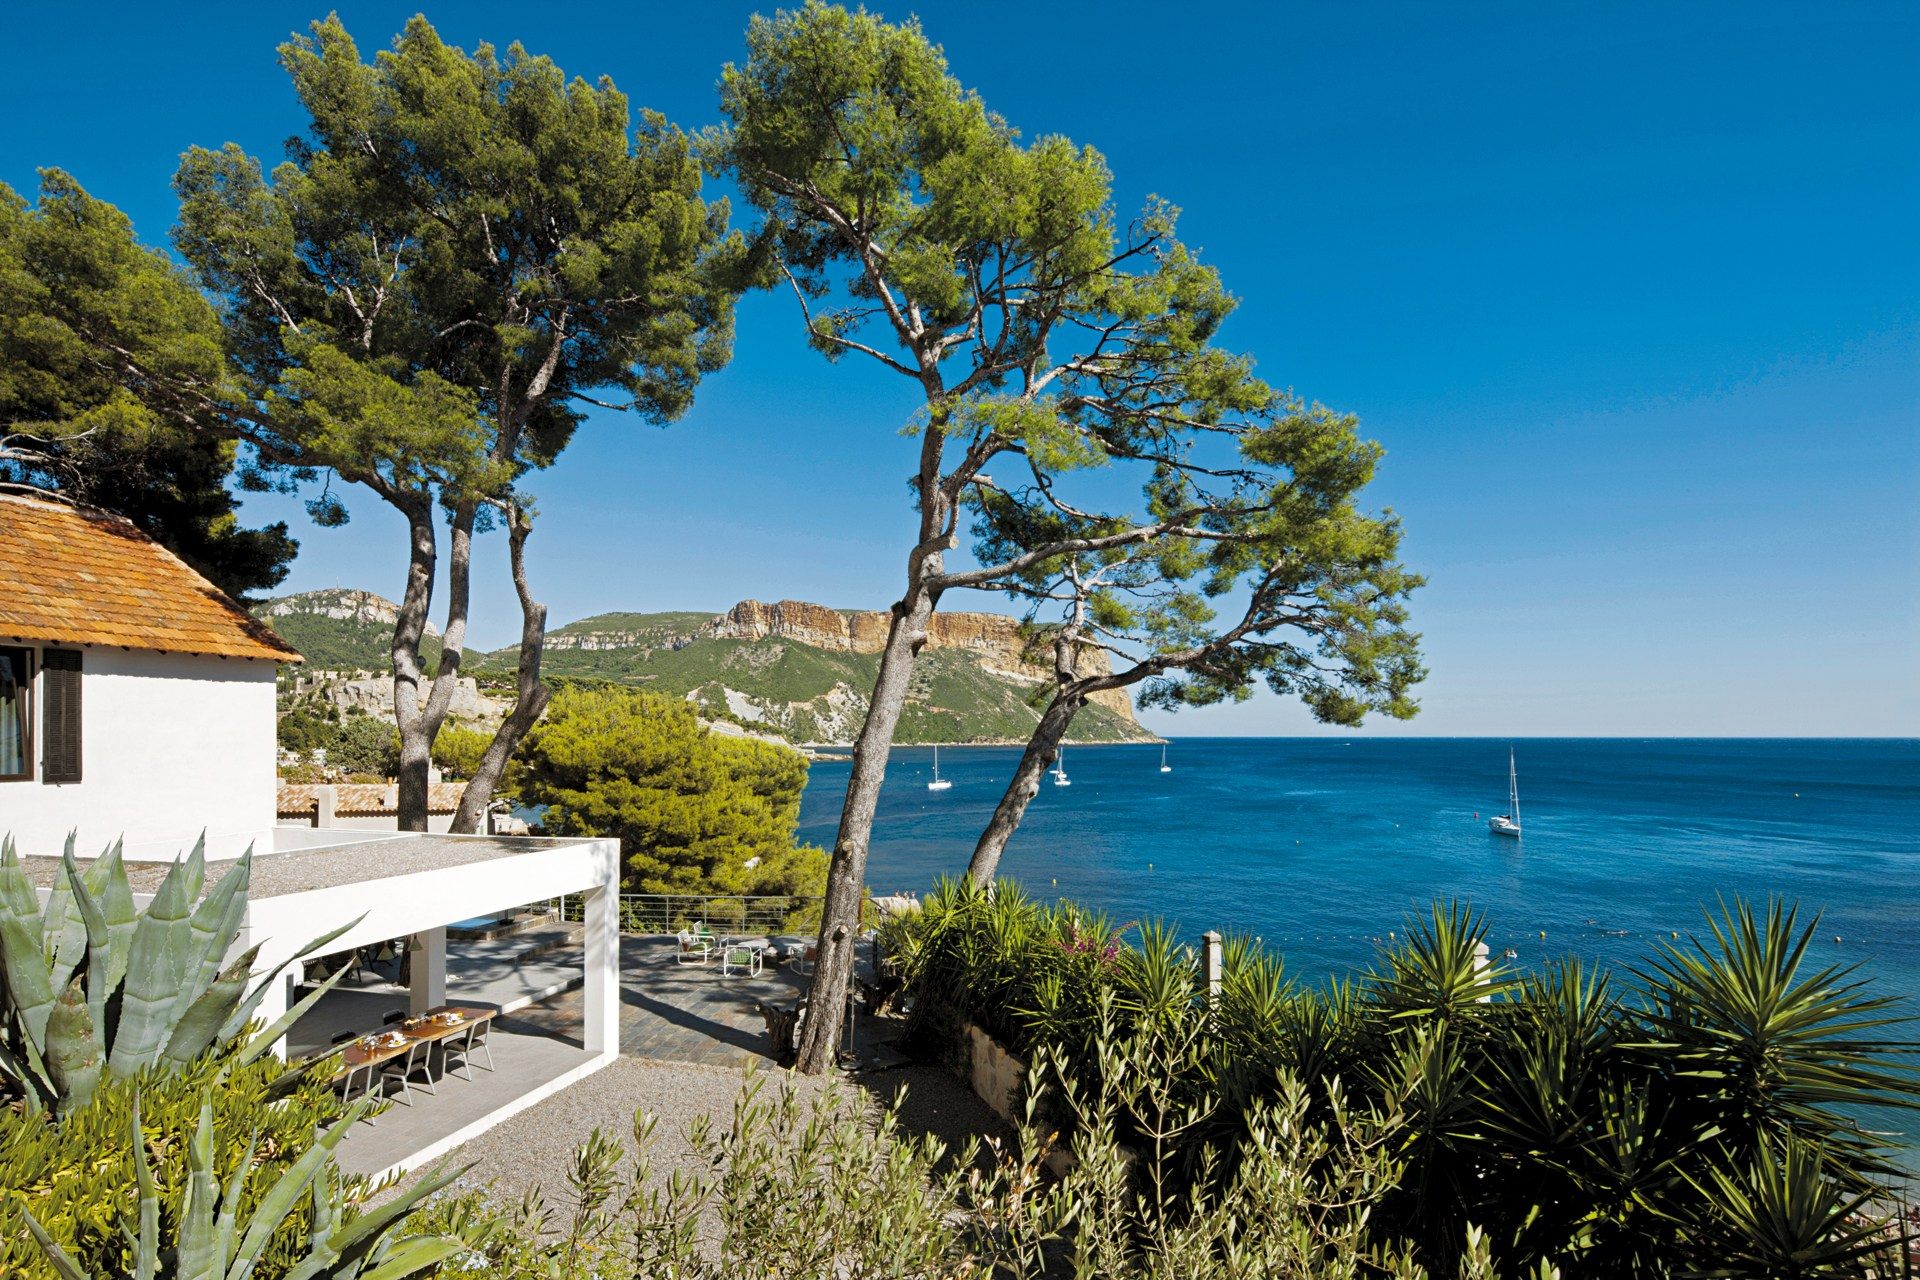 The Côte d'Azur